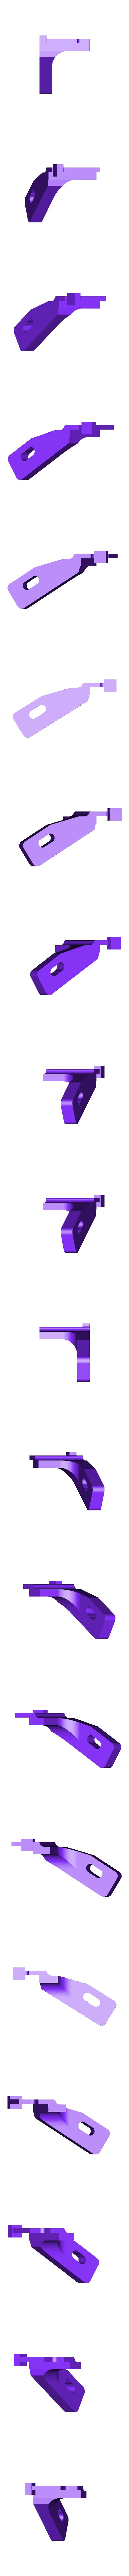 fan_clip6.stl Télécharger fichier STL gratuit Ventilateur 40mm pour Mendel90 • Design pour imprimante 3D, franciscoczapski